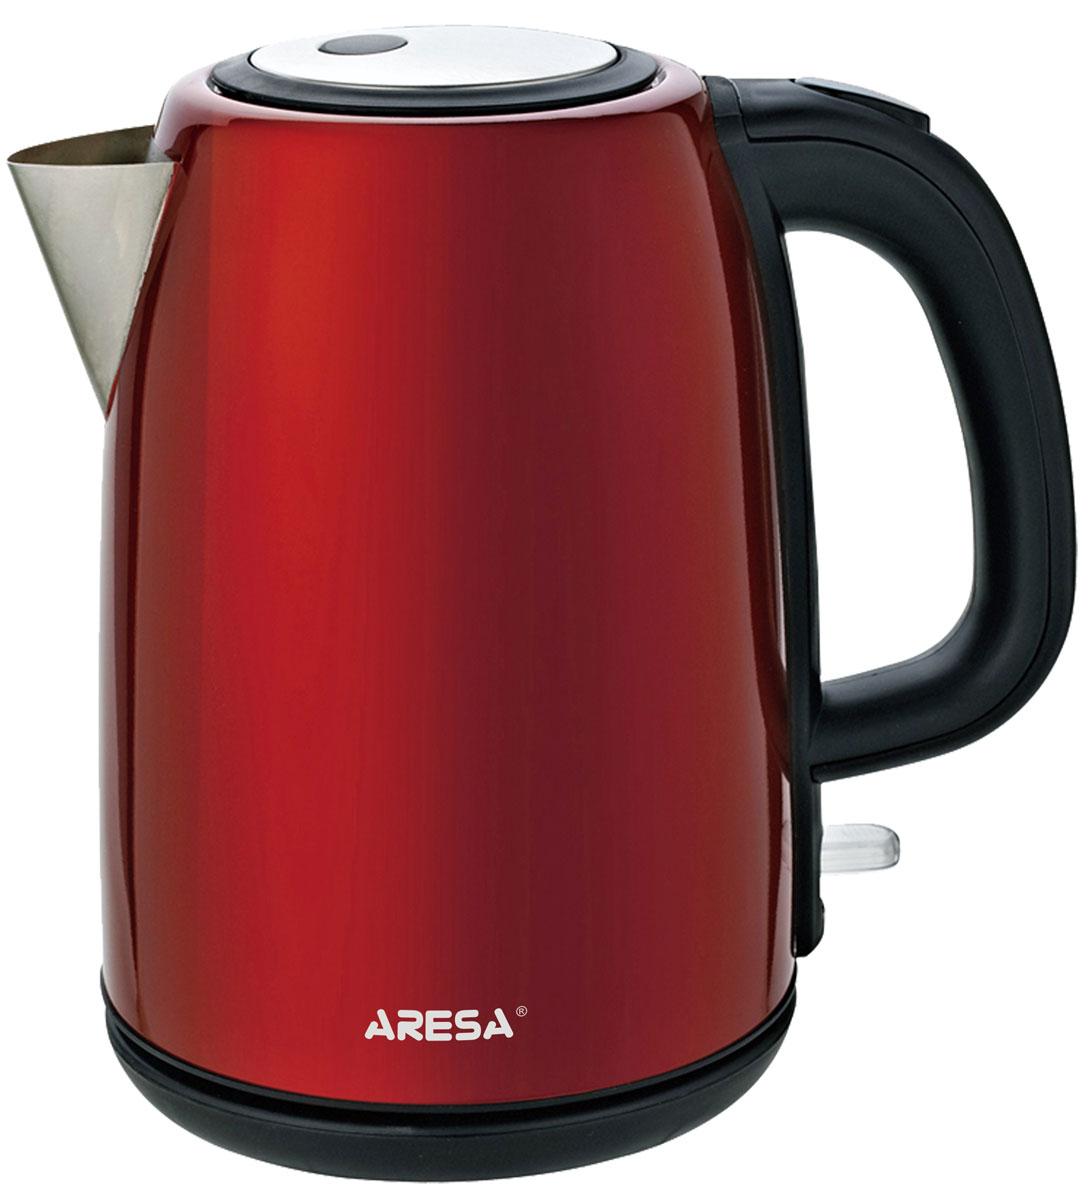 Aresa AR-3415 чайник электрическийAR-3415Электрический чайник Aresa AR-3415 мощностью 2000 Вт и объемом 1,7 литра отвечает всем современным требованиям надежности и безопасности. При его производстве используются только высококачественные и экологически безопасные материалы, а также нагревательный элемент и контроллеры высокого класса надежности. Устройство будет служить вам долгие годы, наполняя ваш быт комфортом!